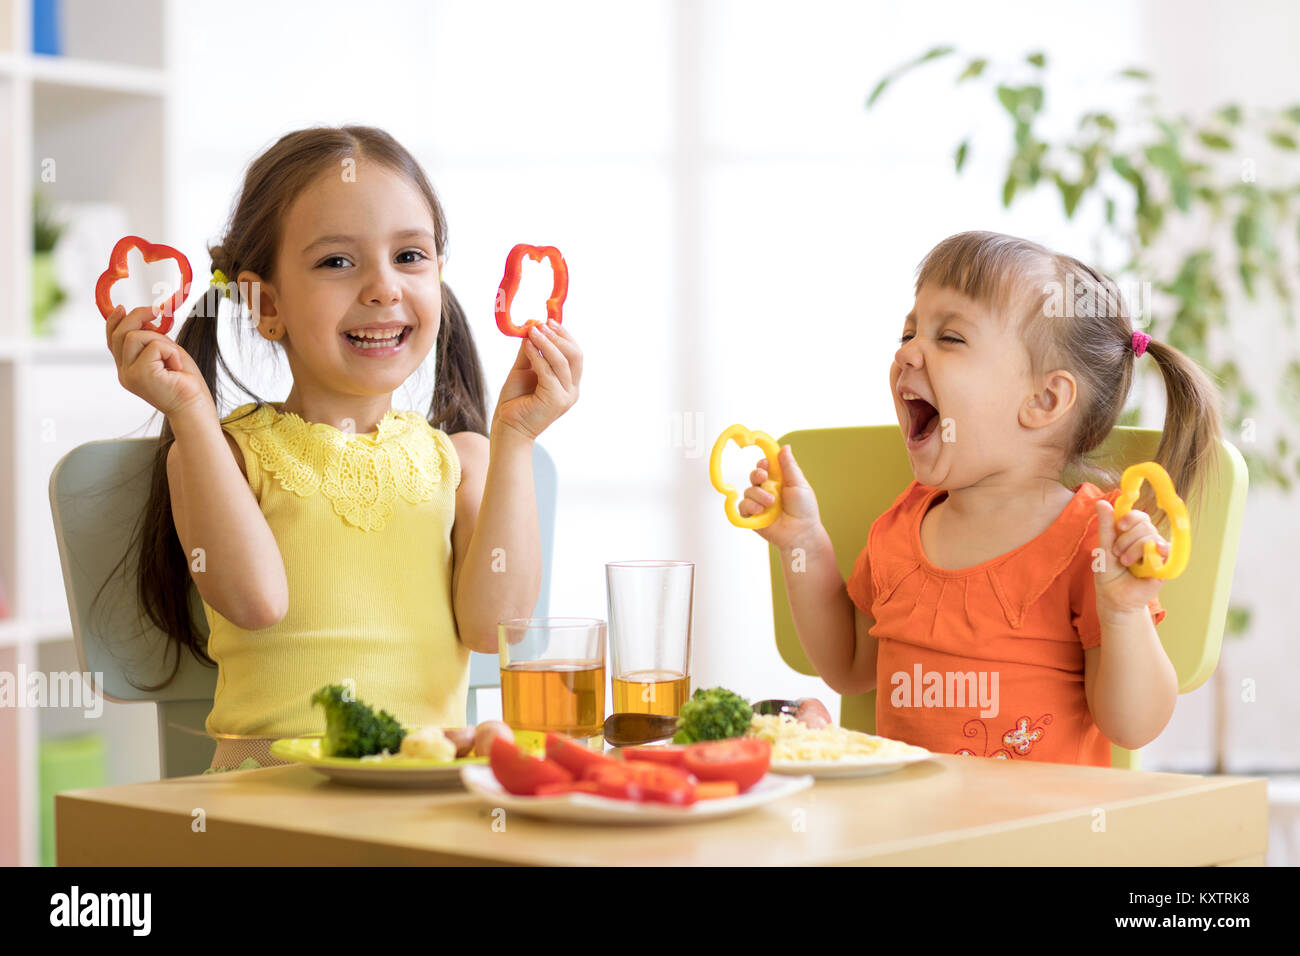 Funny bambini allegri ragazze mangiare cibo sano. Pranzo bimbi a casa o asilo nido. Immagini Stock